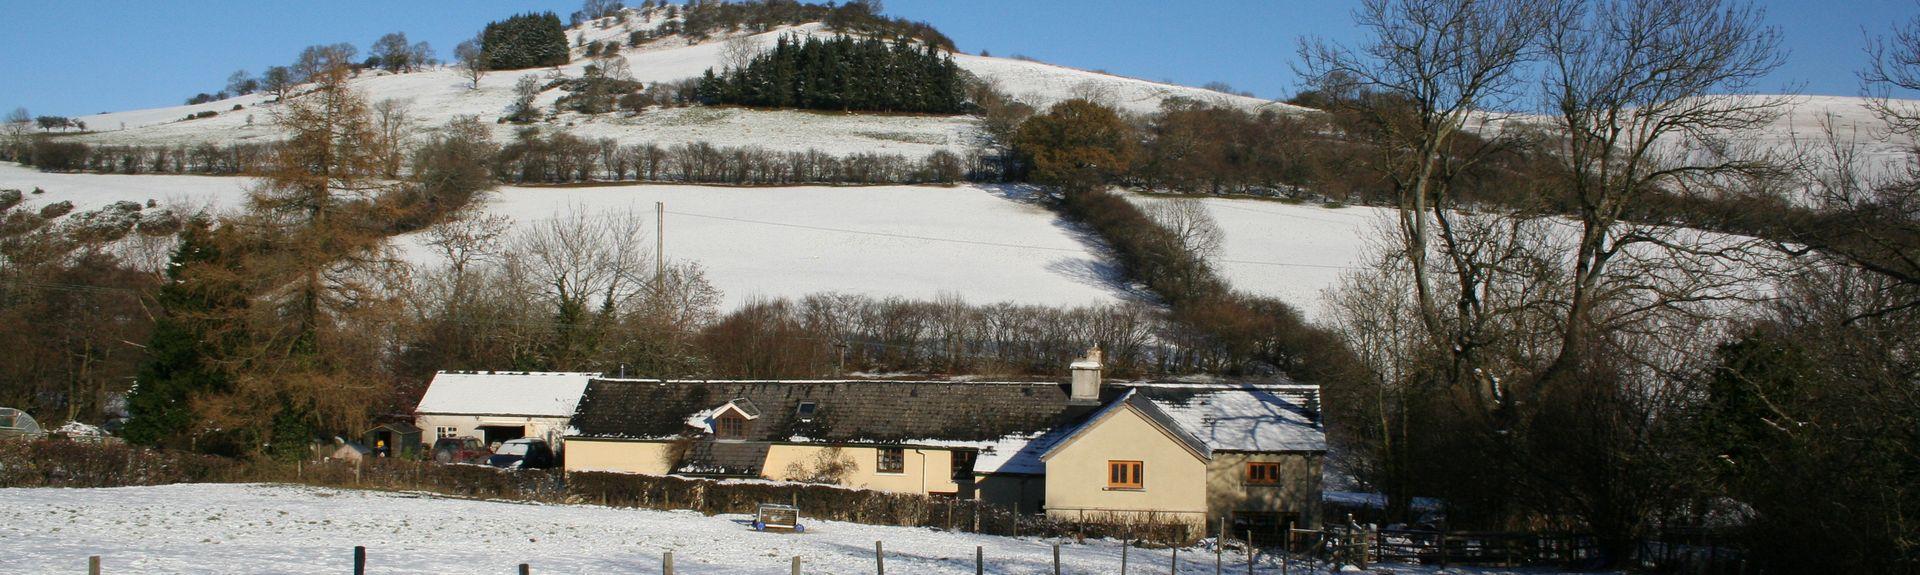 Gilwern, Wales, Yhdistynyt Kuningaskunta